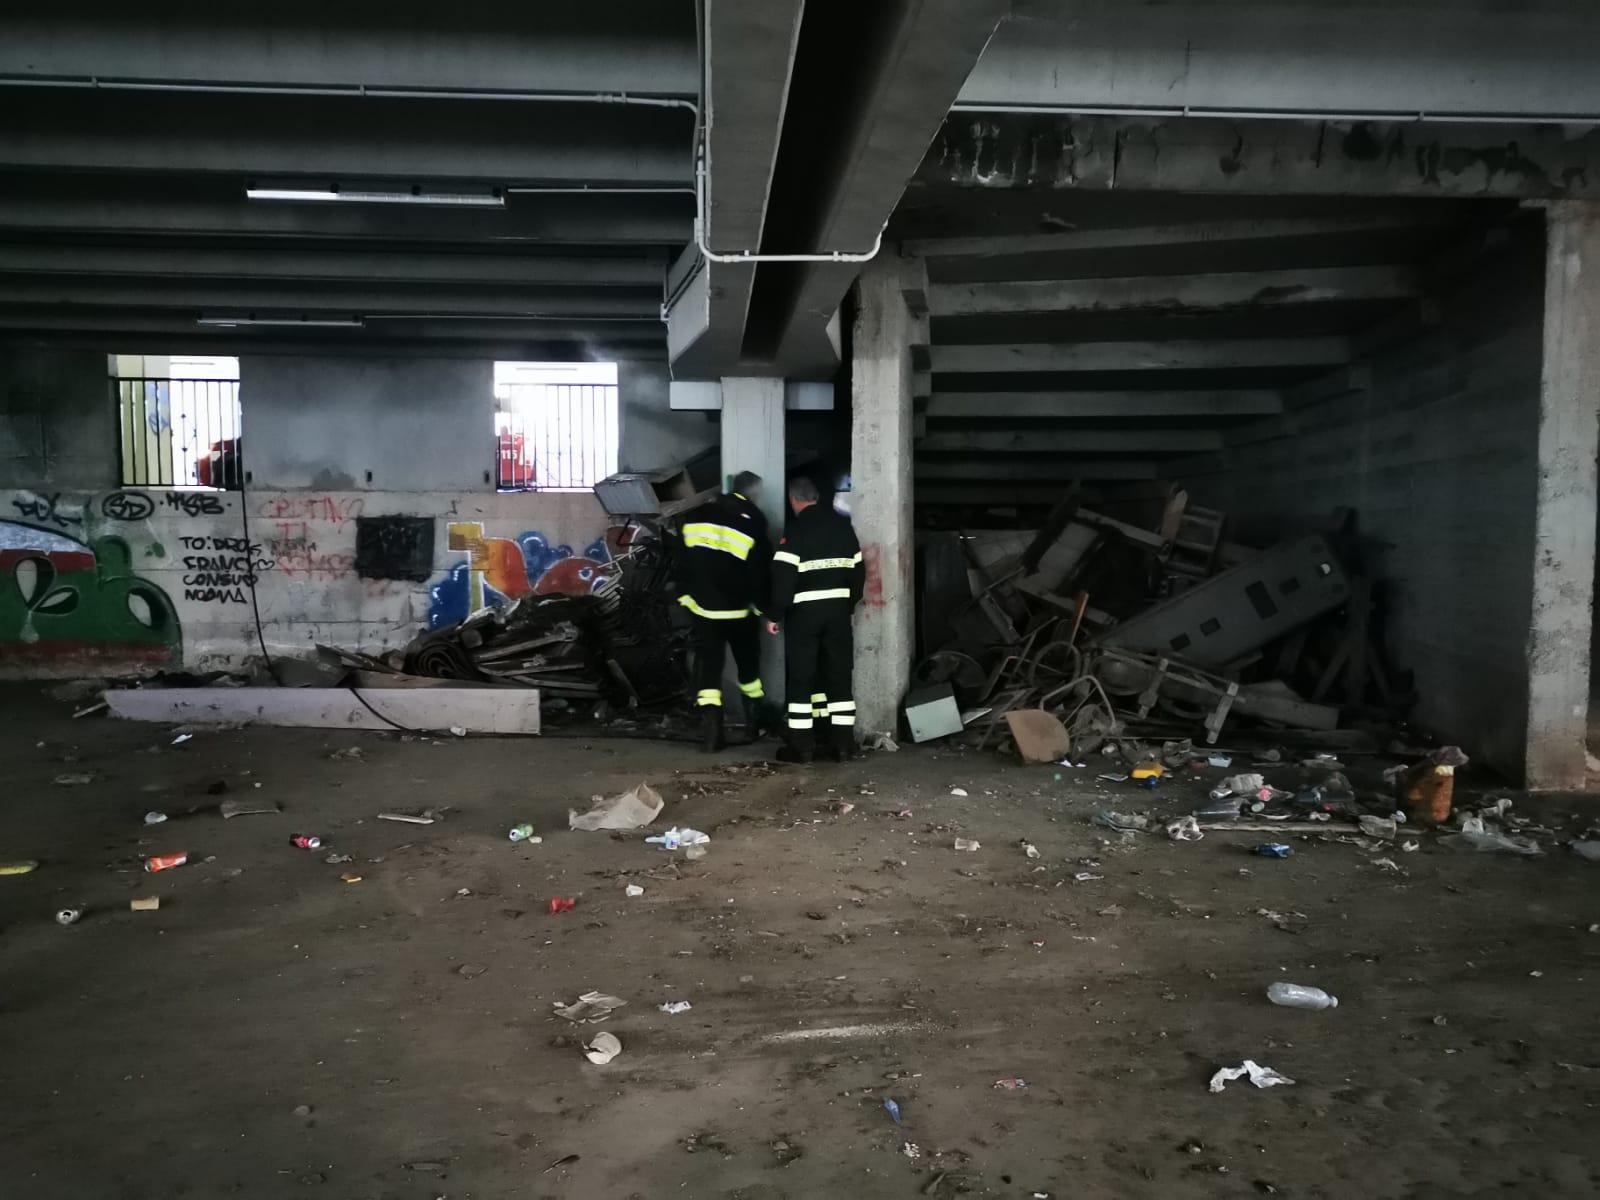 Fiamme nel parcheggio multipiano di Modica: indaga la polizia locale